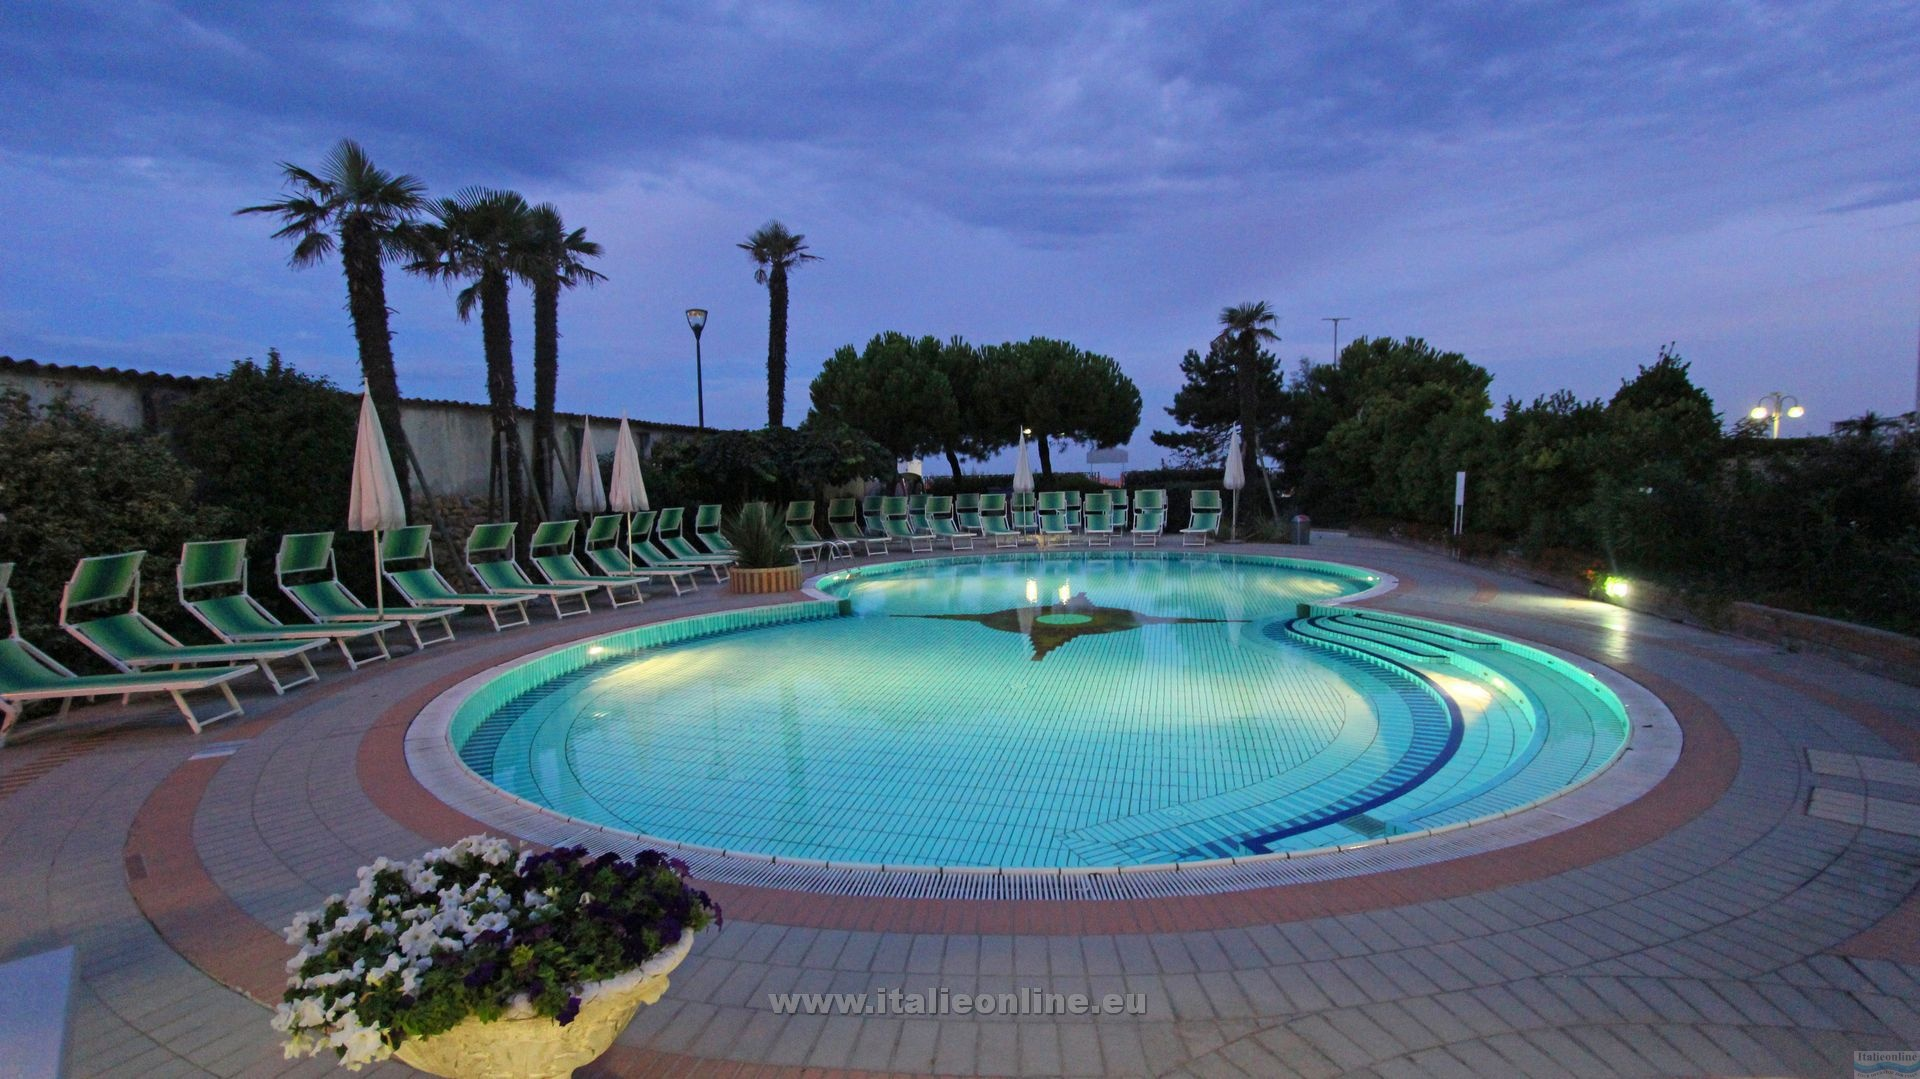 Hotel Park Hotel Cellini Lido Di Jesolo